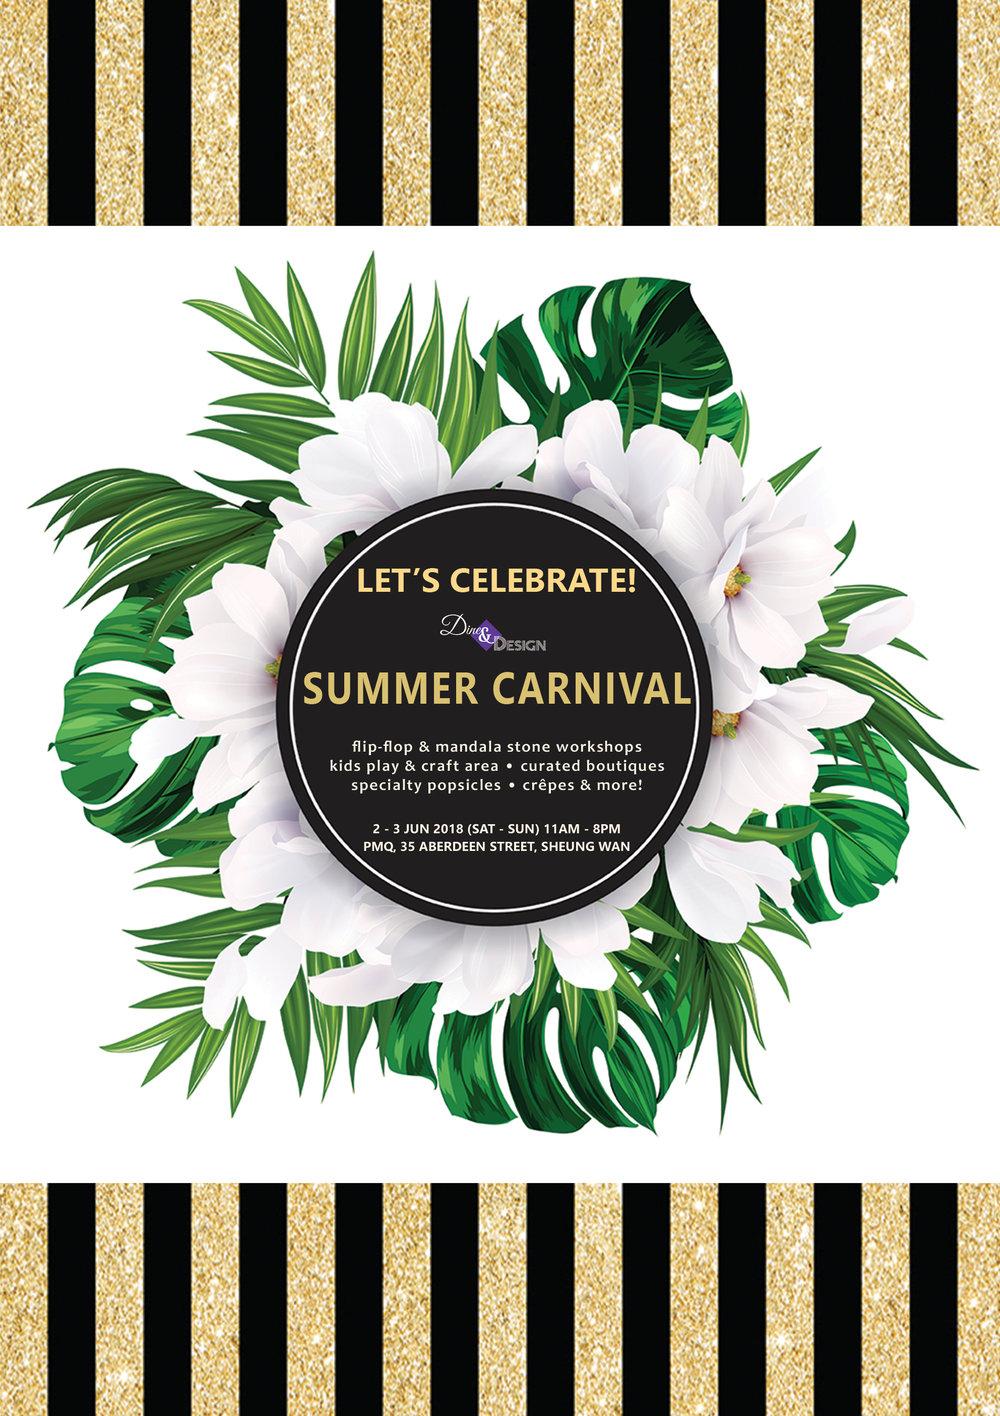 Paper-Roses   Events   Dine & Design Summer Carnival 2-3 June 2018